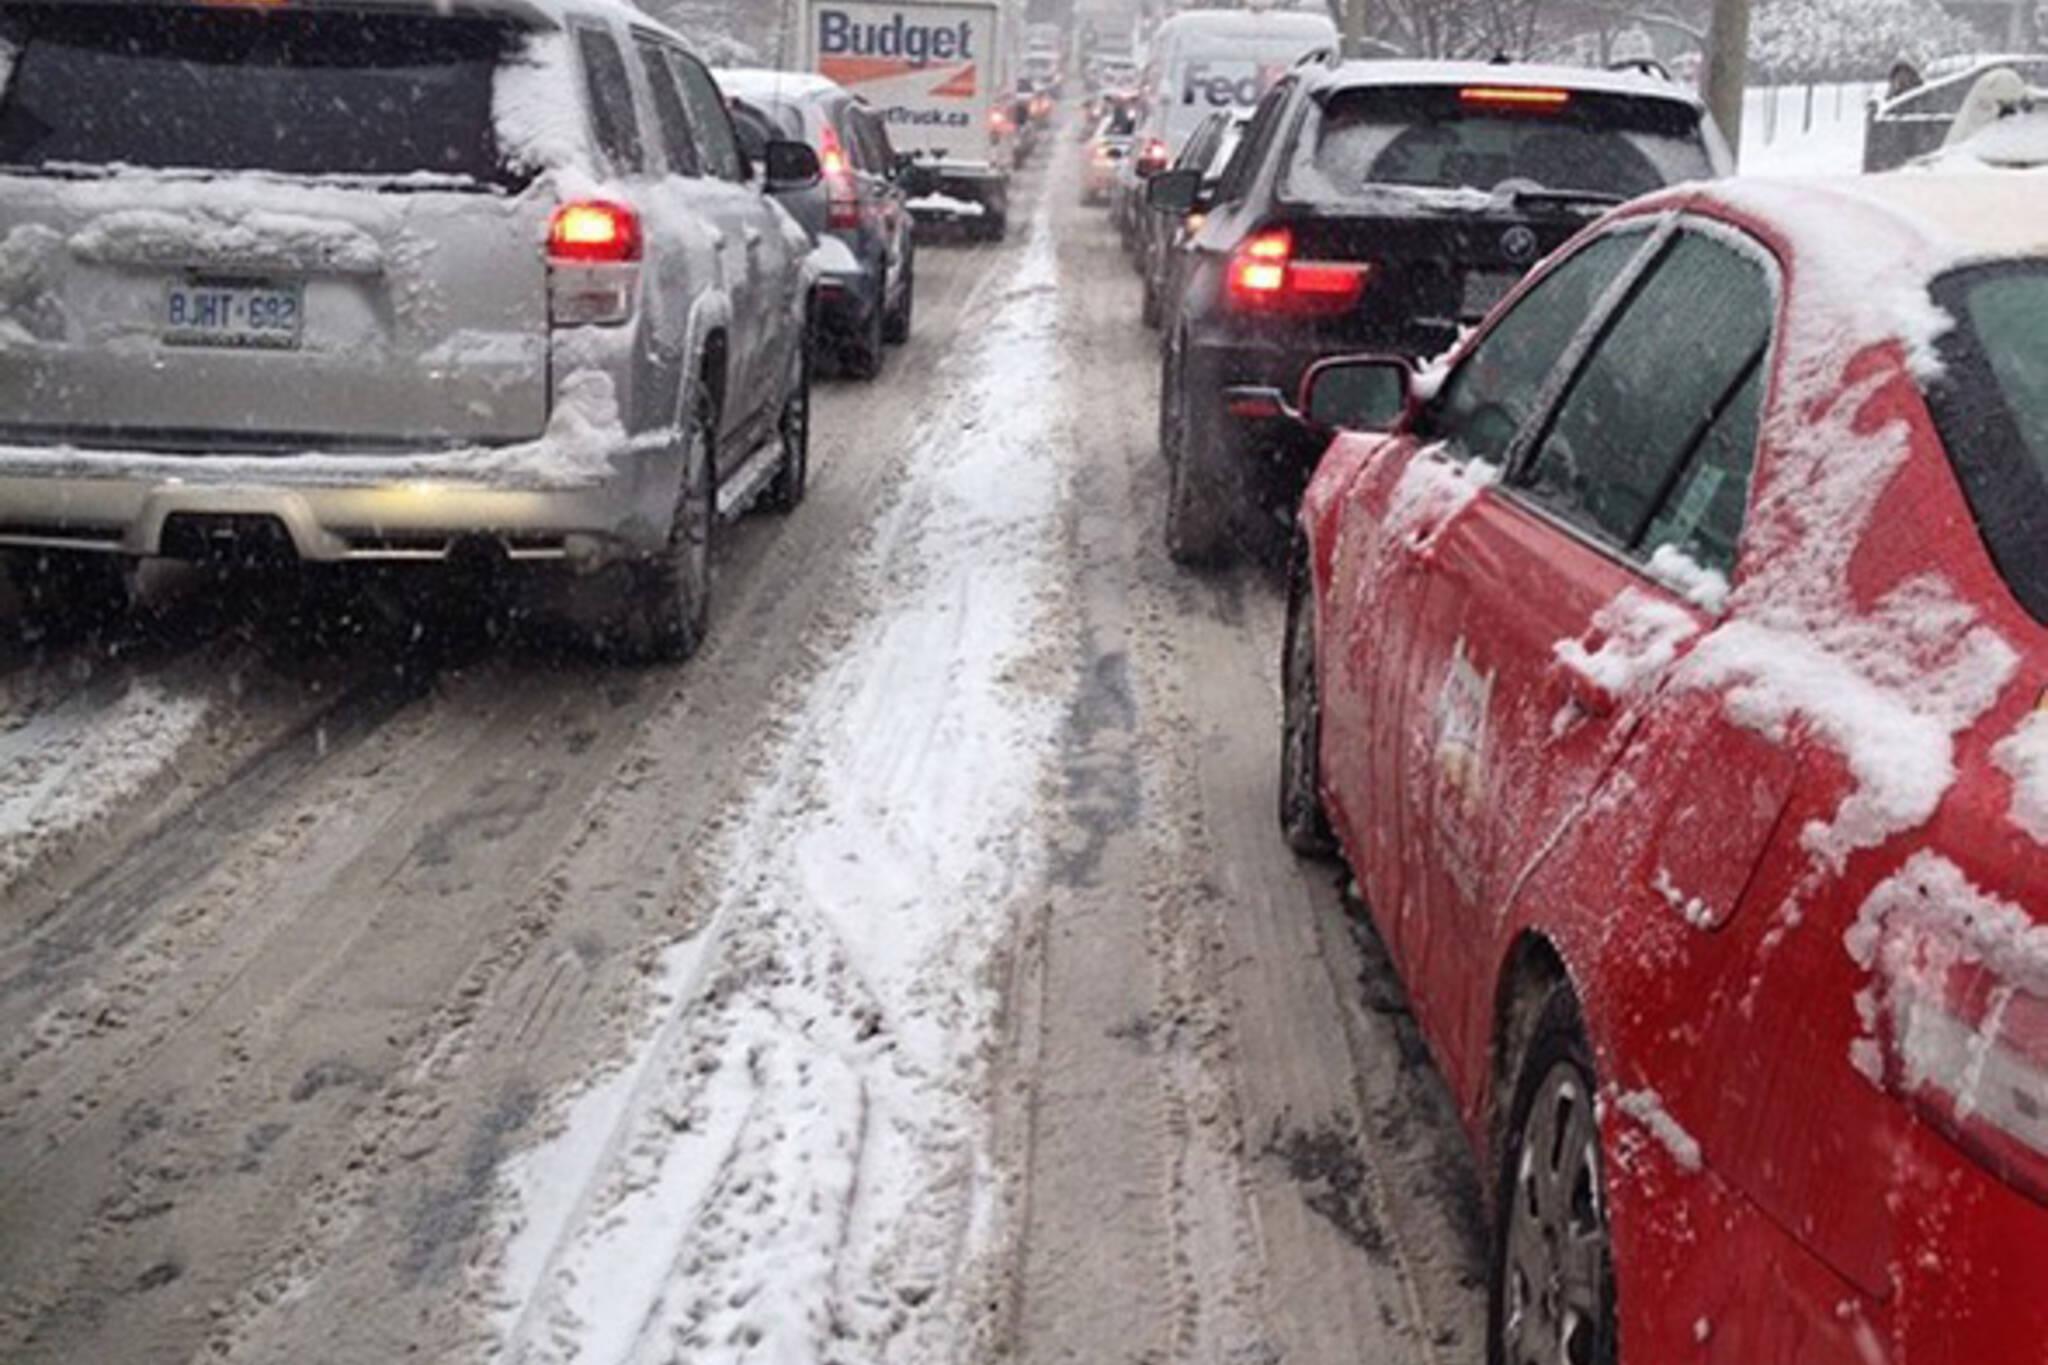 toronto snowstorm 2014